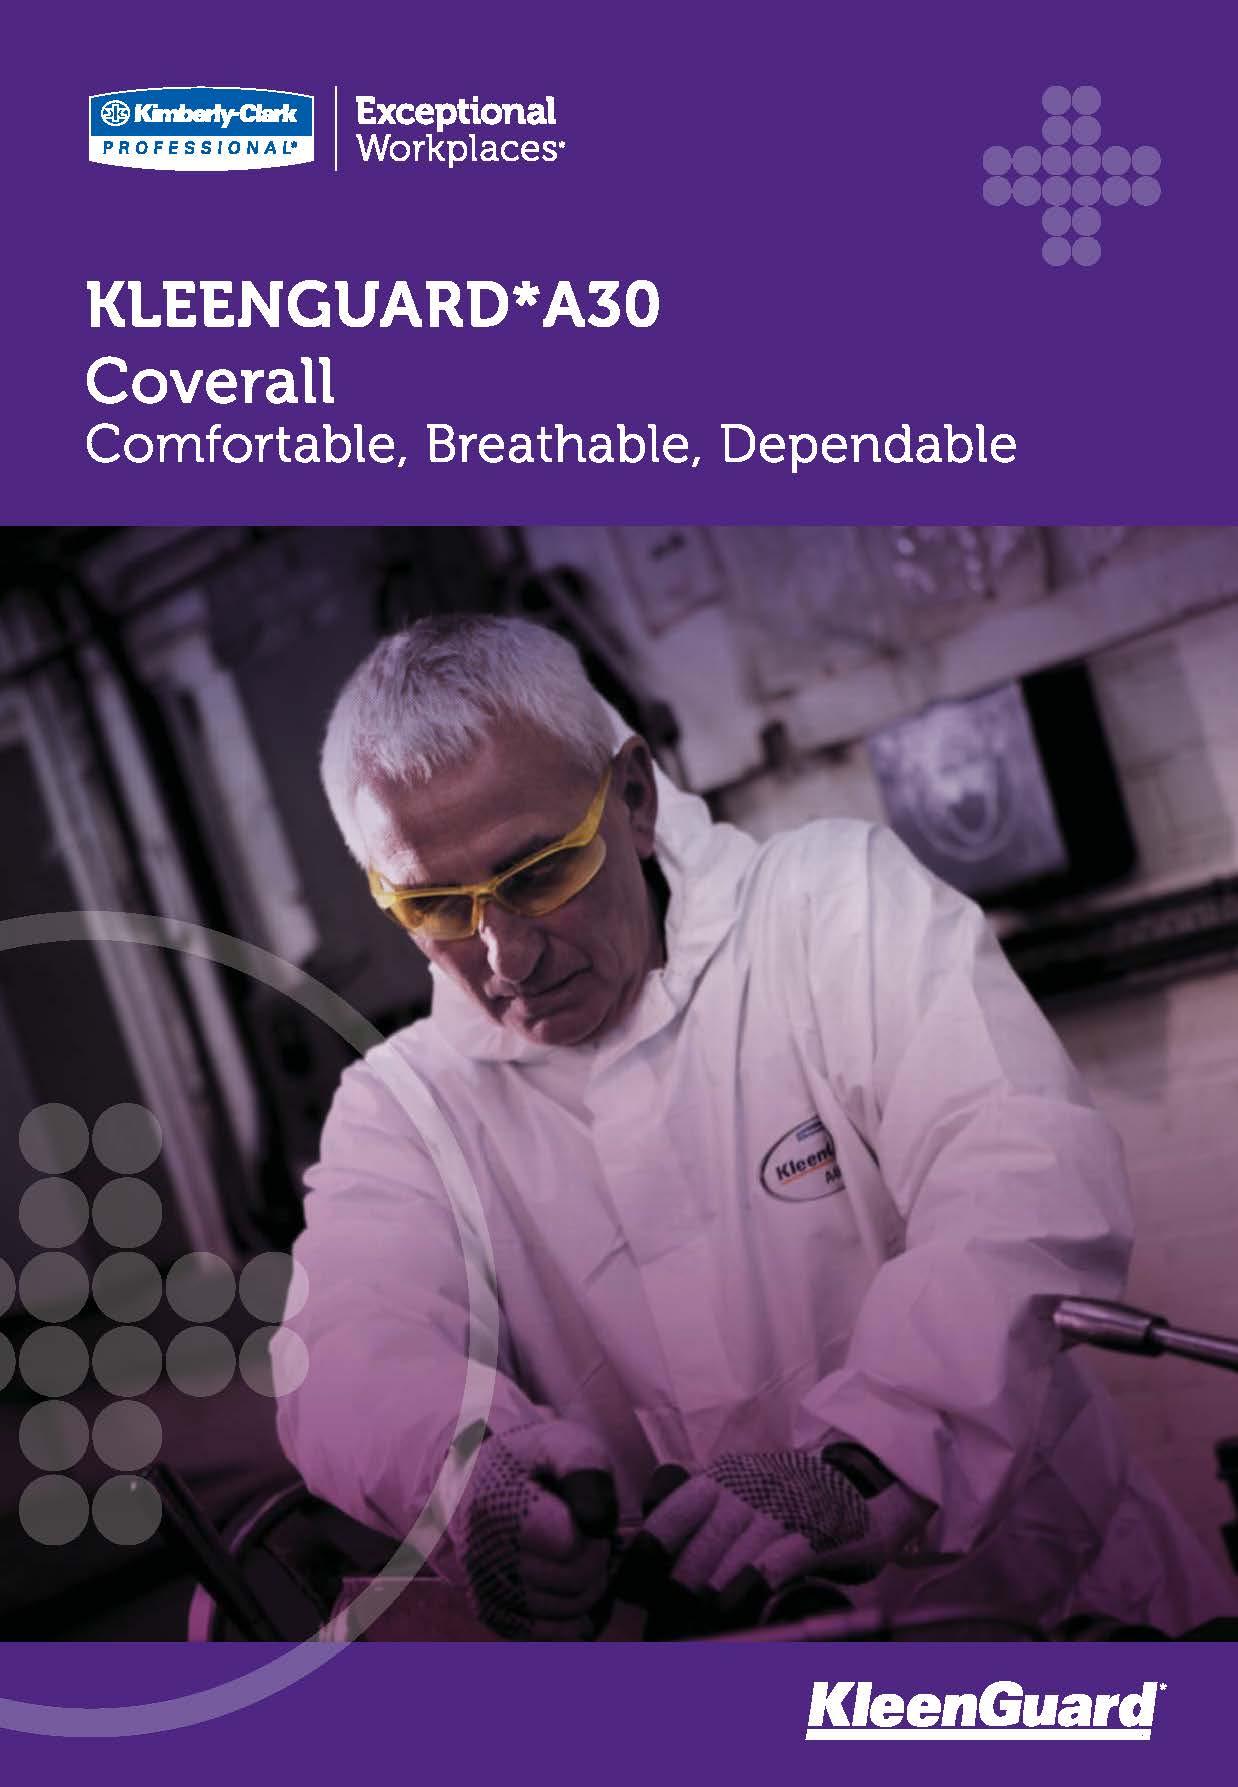 KLEENGUARD* A30 Comfortable, Breathable, Dependable